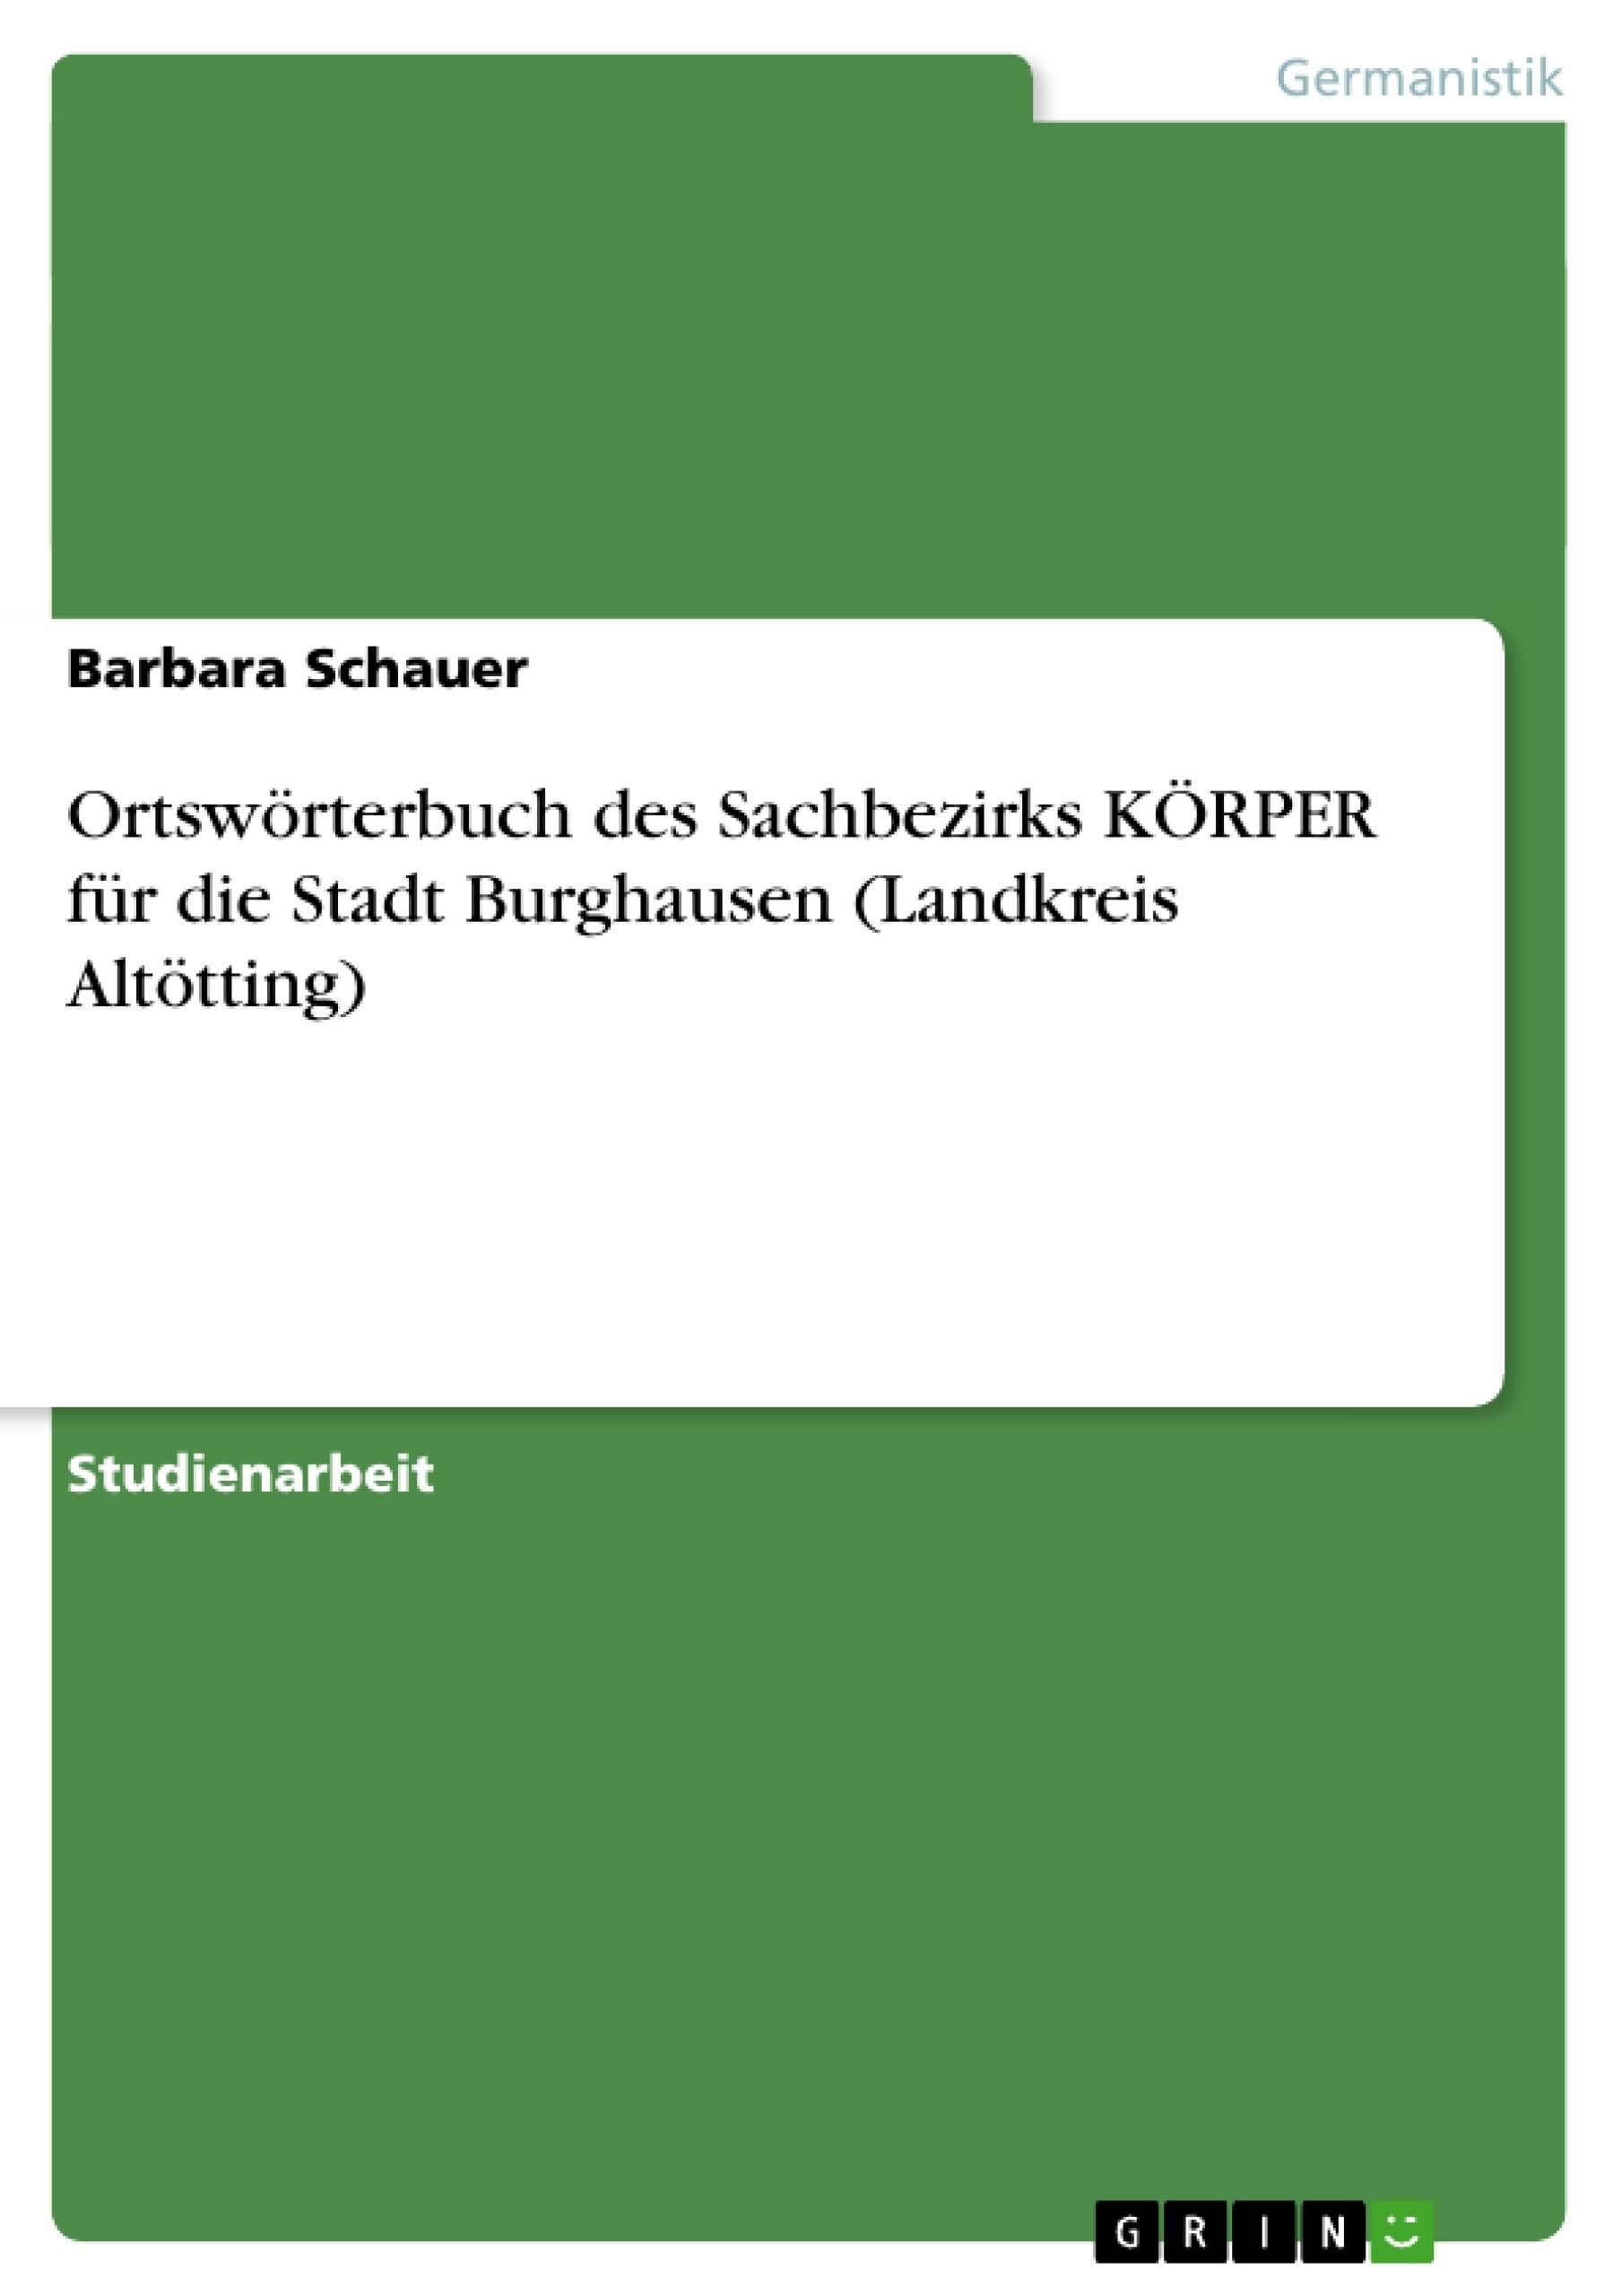 Titel: Ortswörterbuch des Sachbezirks KÖRPER für die Stadt Burghausen (Landkreis Altötting)